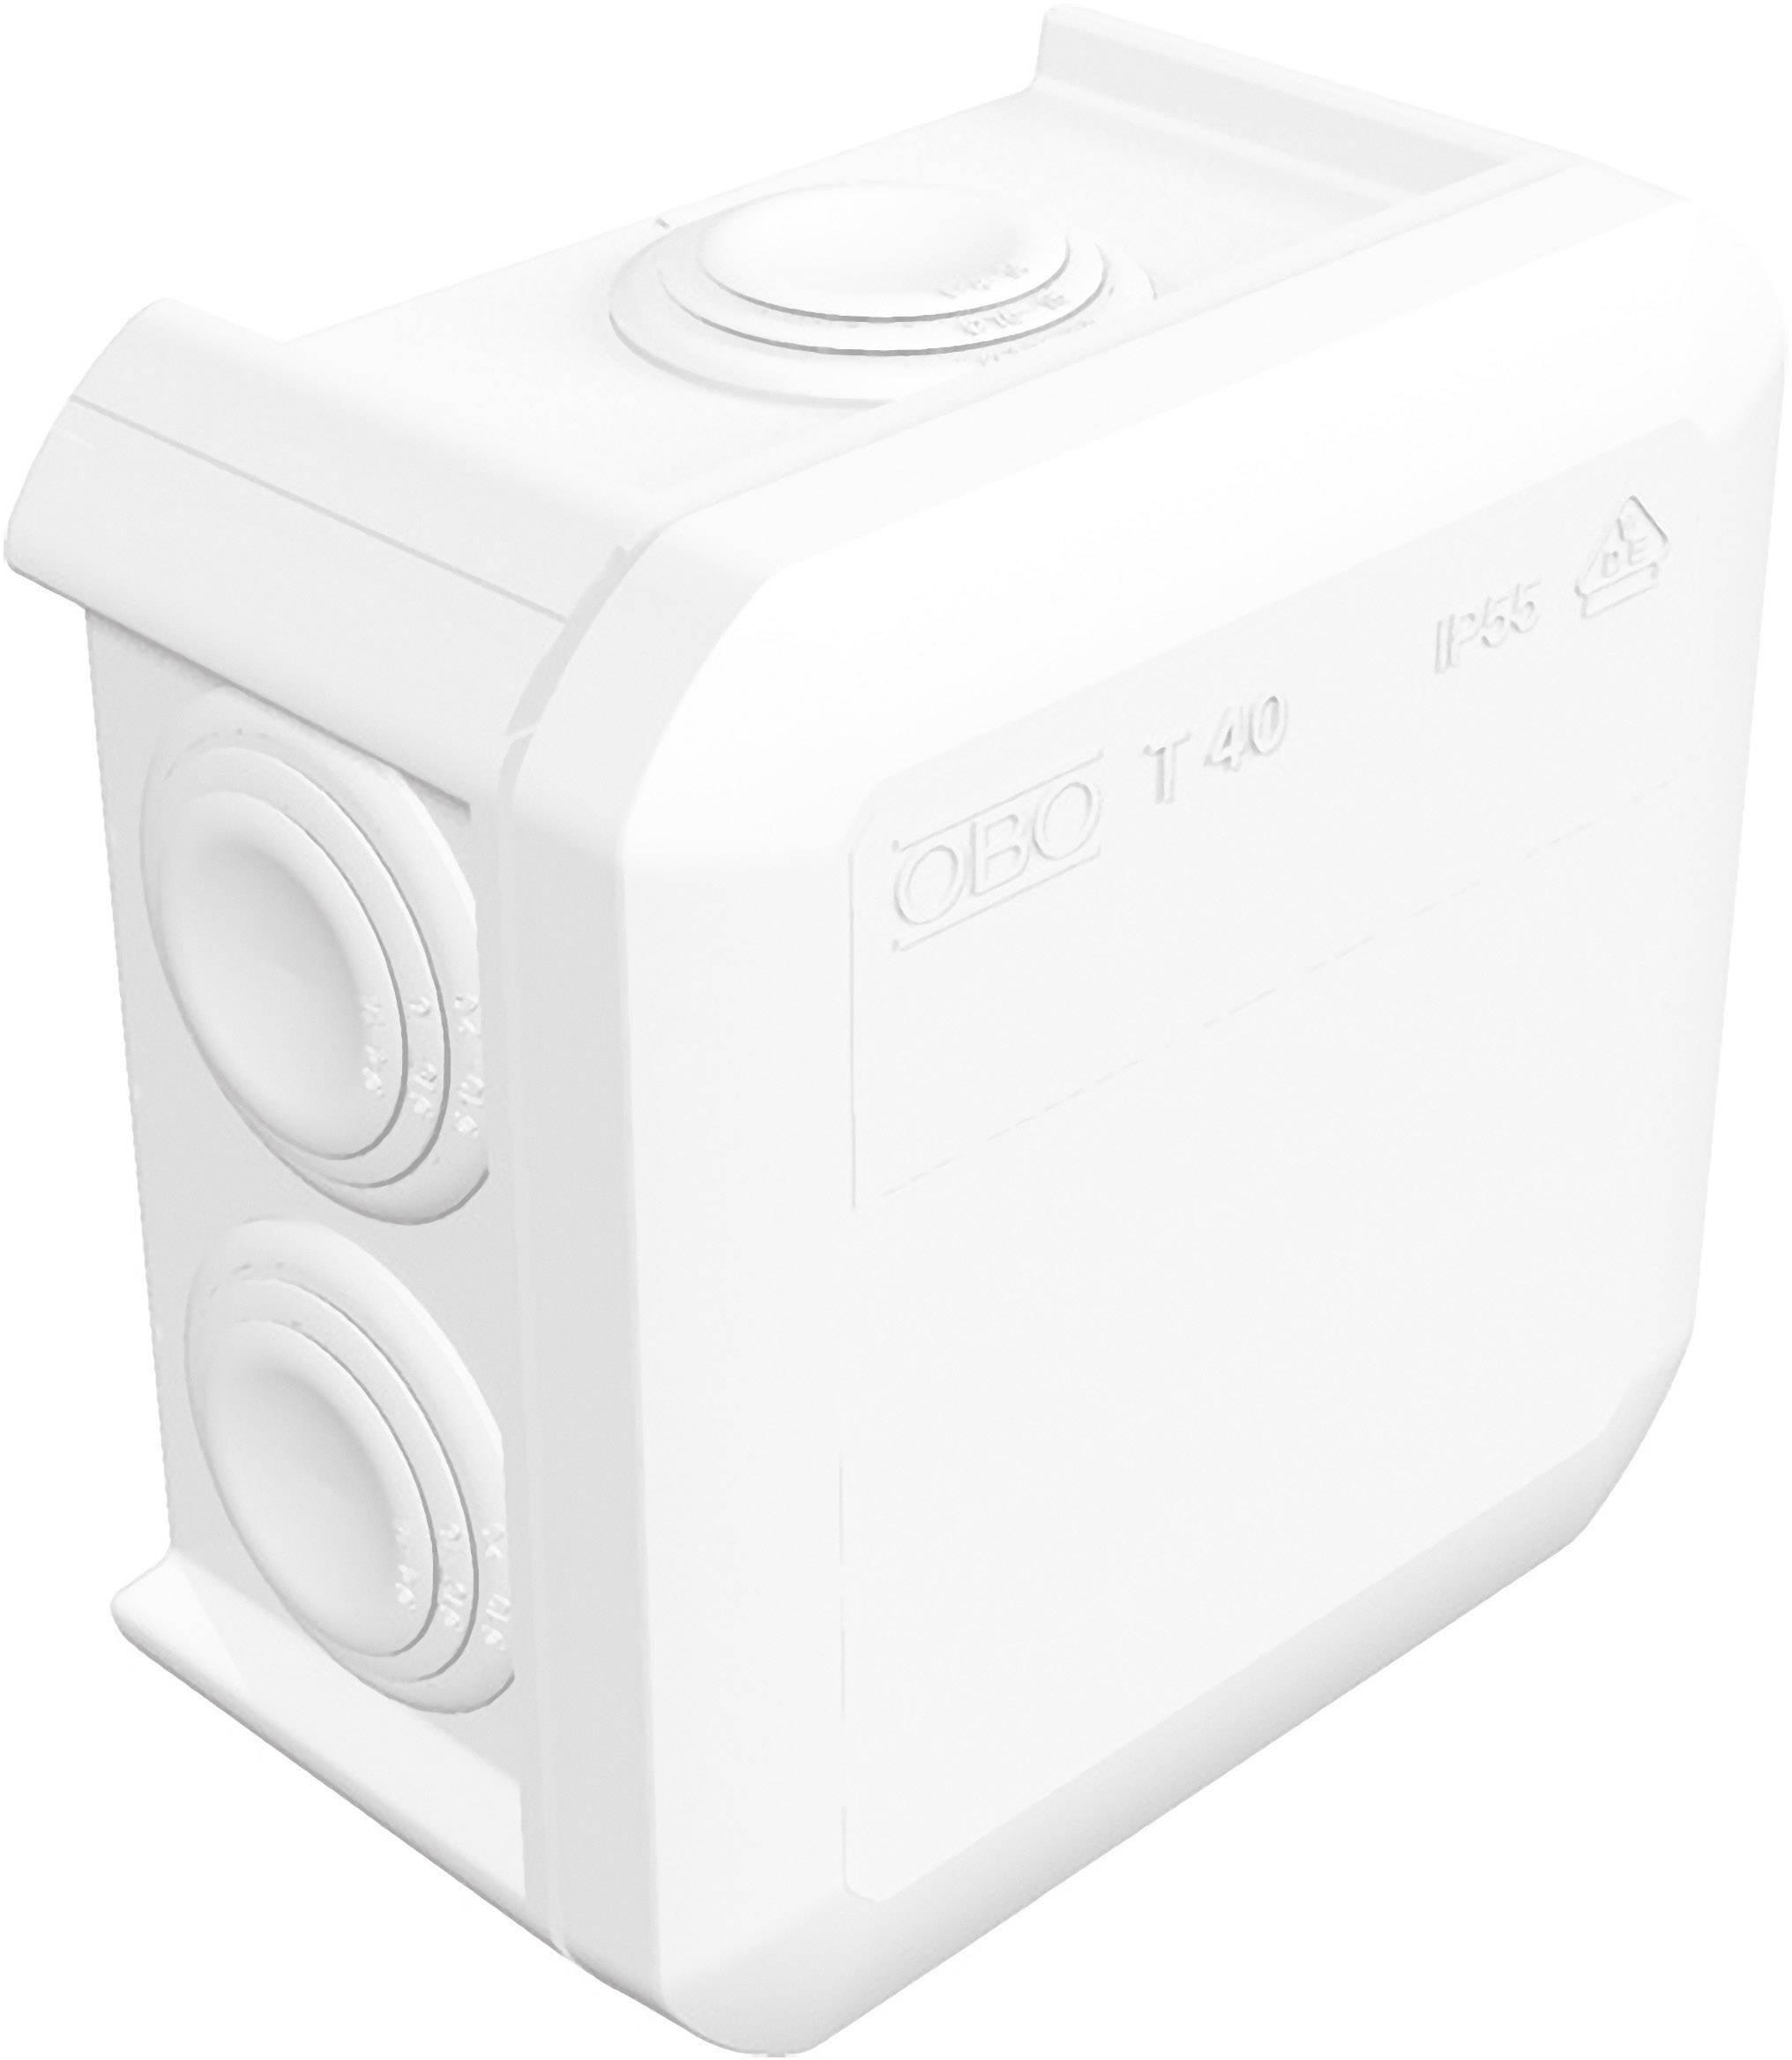 Rozbočovacia krabica OBO Betternann T40, IP55, 90 x 90 x 52 mm, jasne biela, 2007517